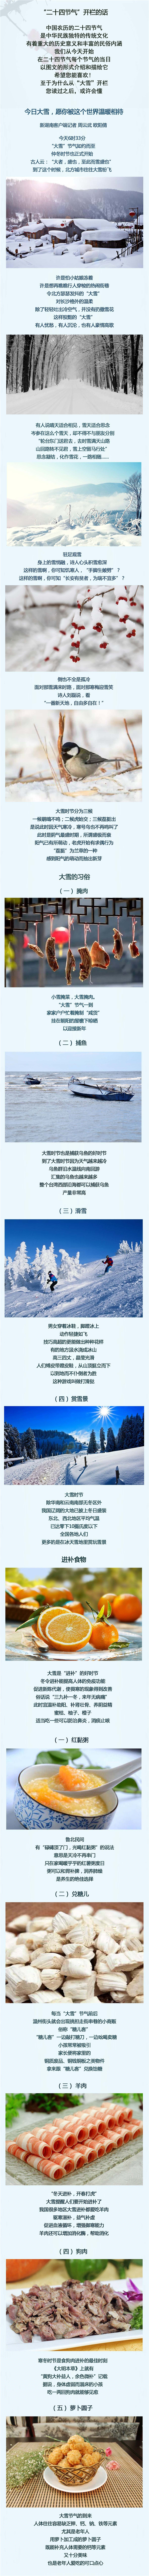 [长沙] 今日大雪,愿你被这个世界温暖相待 新湖南www.hunanabc.com